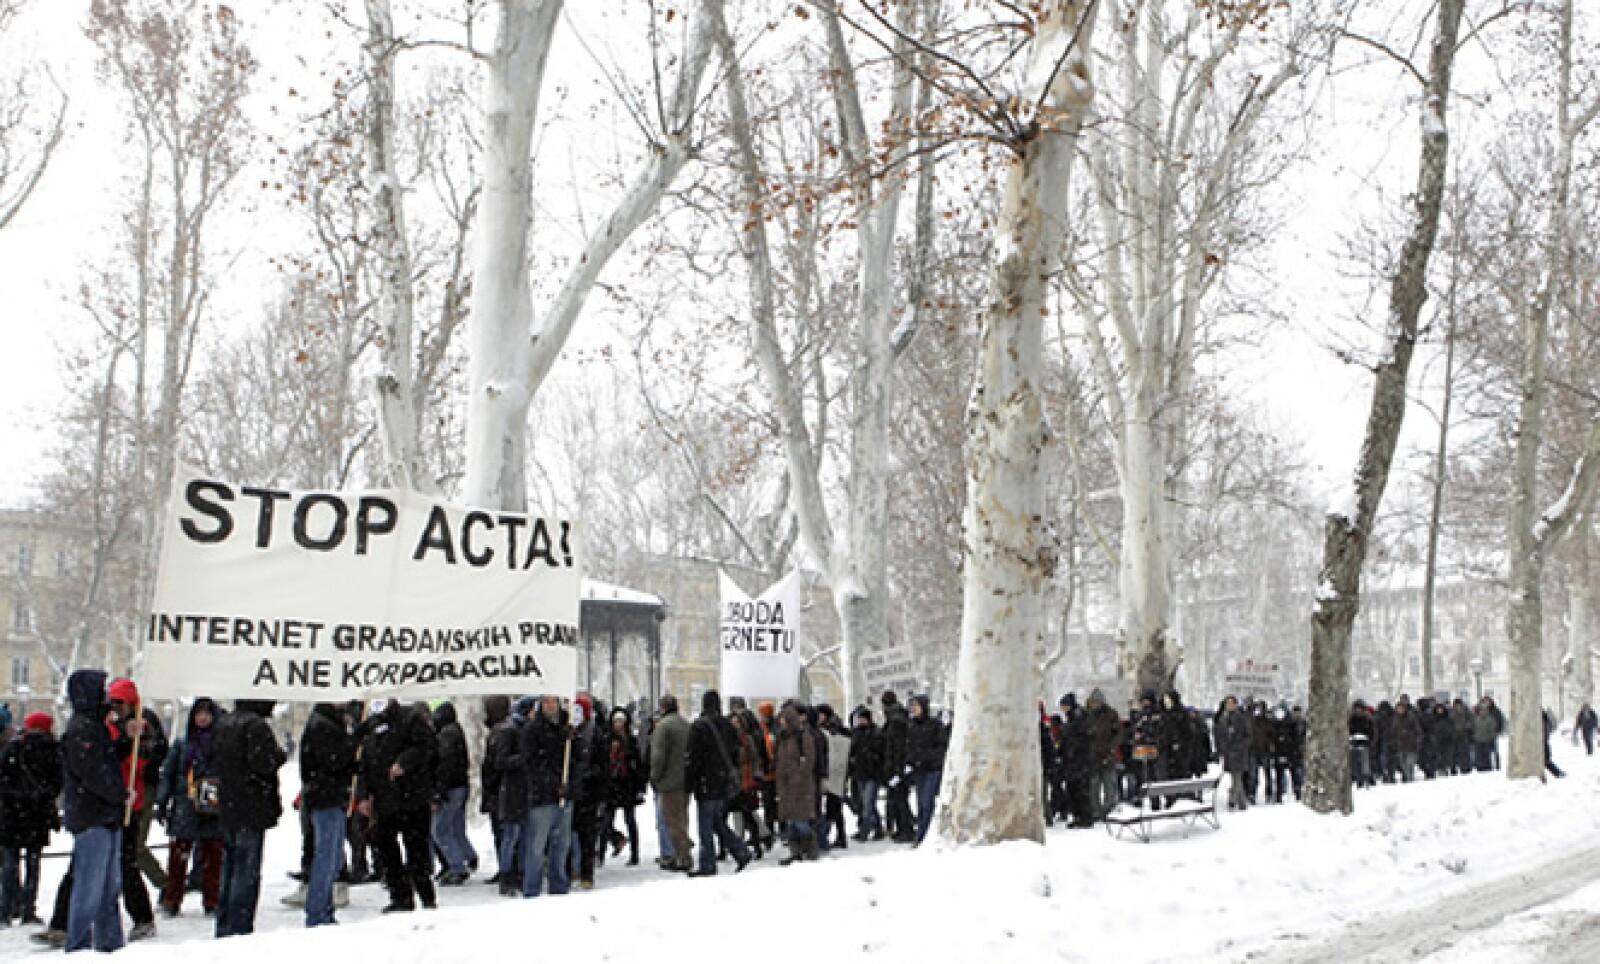 Pese al fuerte frío en varias ciudades de Europa, manifestantes tomaron las calles para reiterar su rechazo al proyecto.